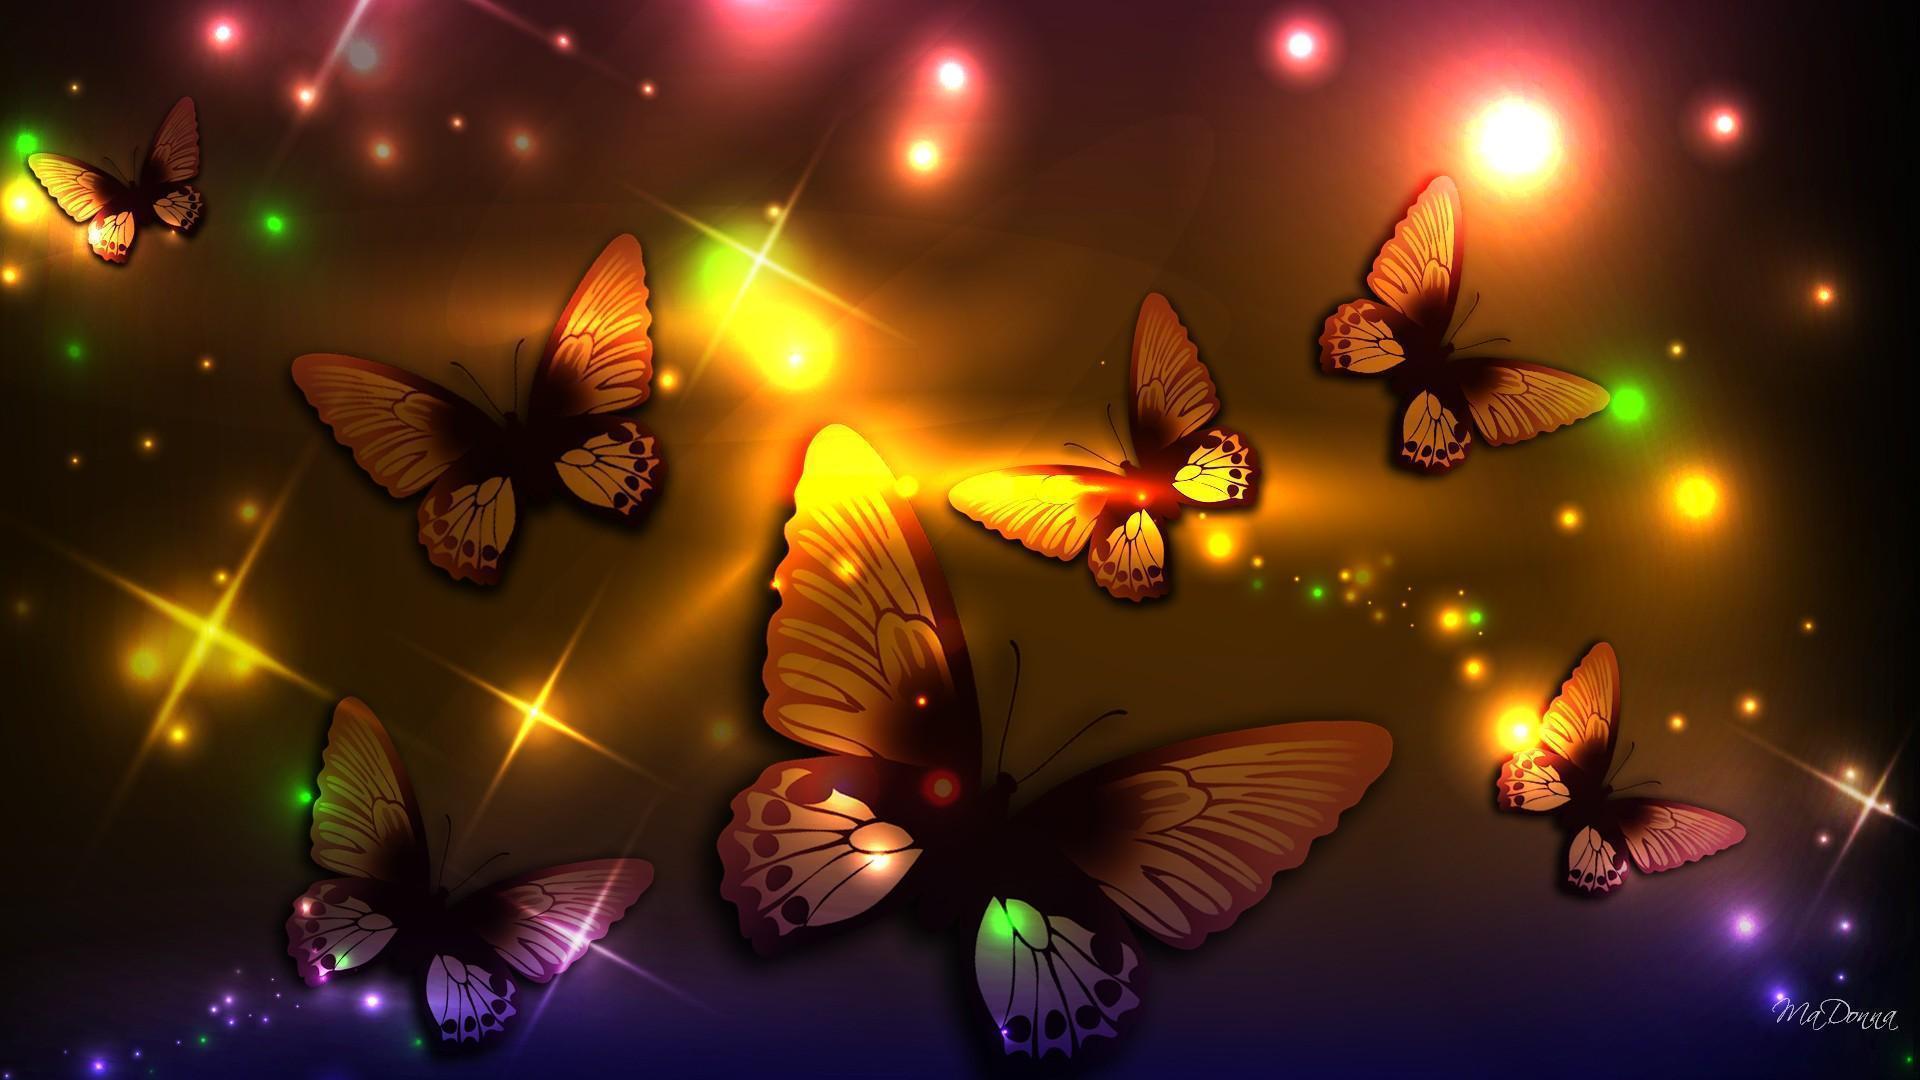 beautiful butterfly hd desktop - photo #31